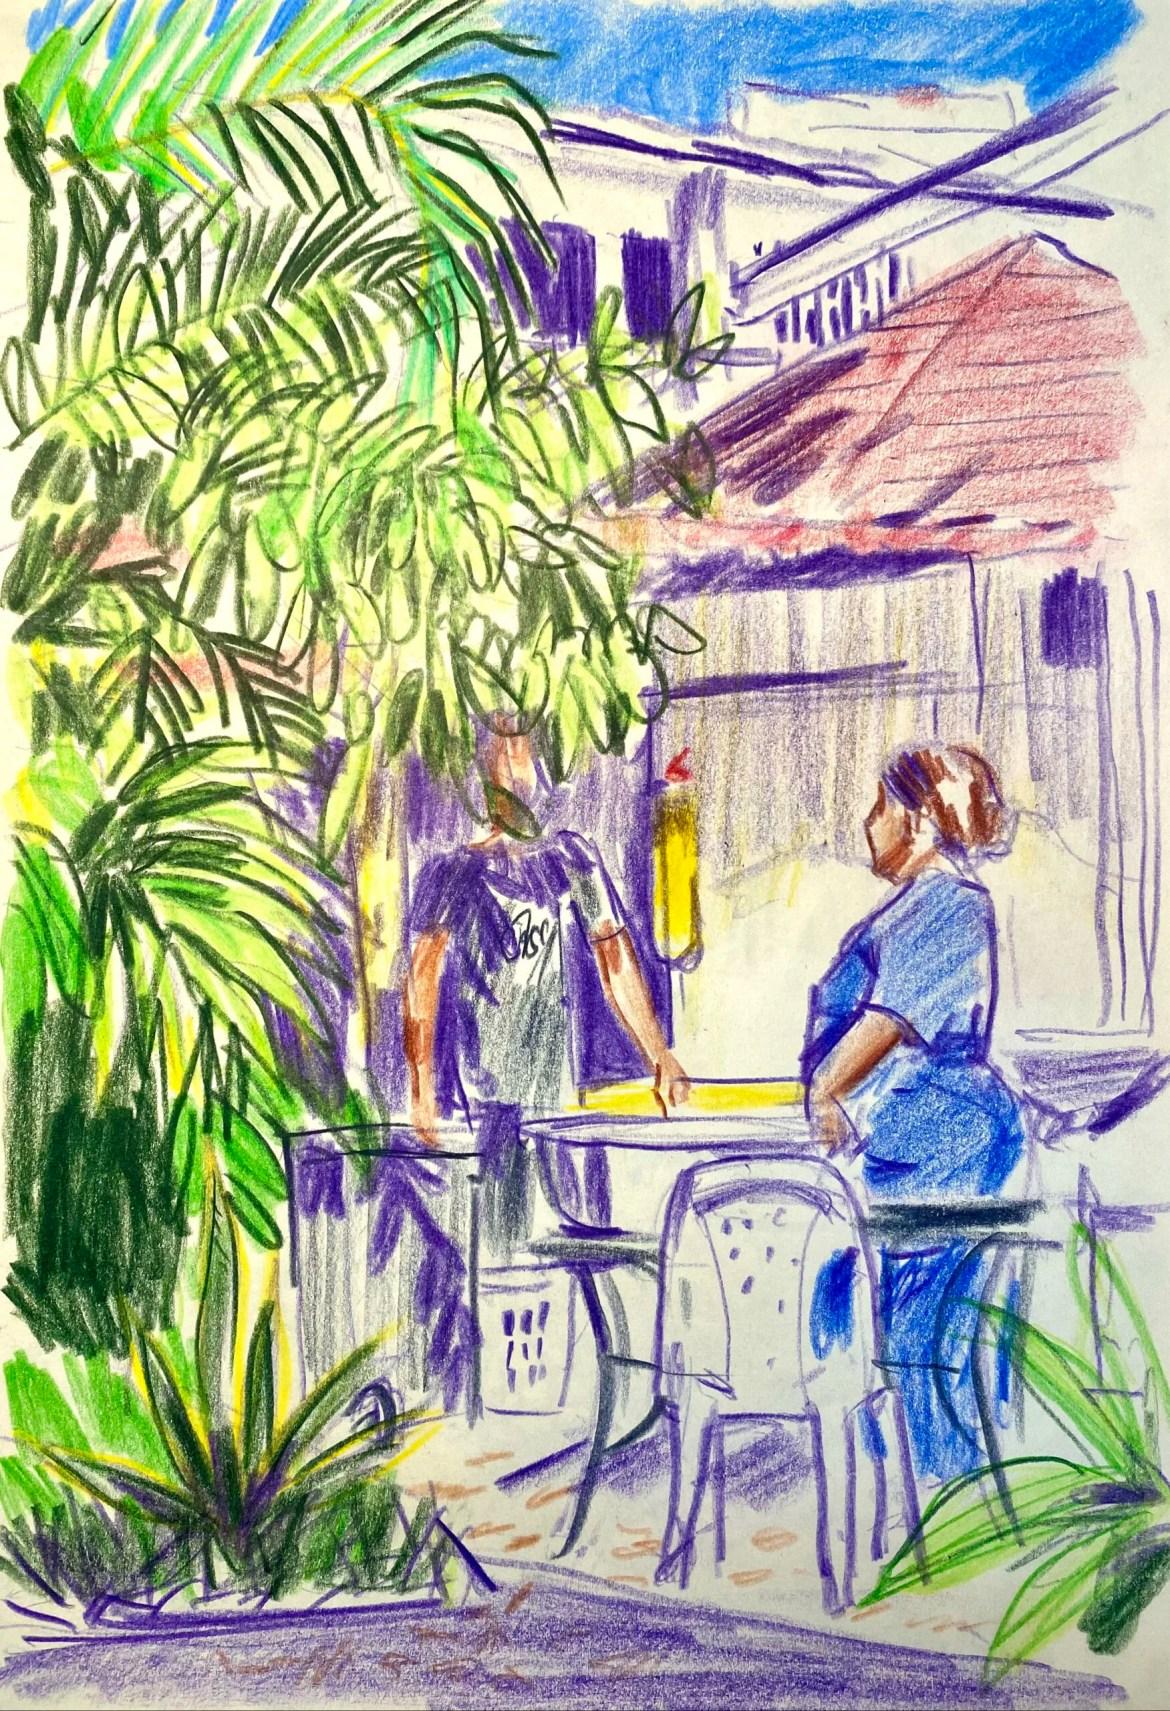 eine farbenfrohe Zeichnung von einer Frau und einem mann die sich im schatten tropischer pflanzen neben einem Gebäude unterhalten